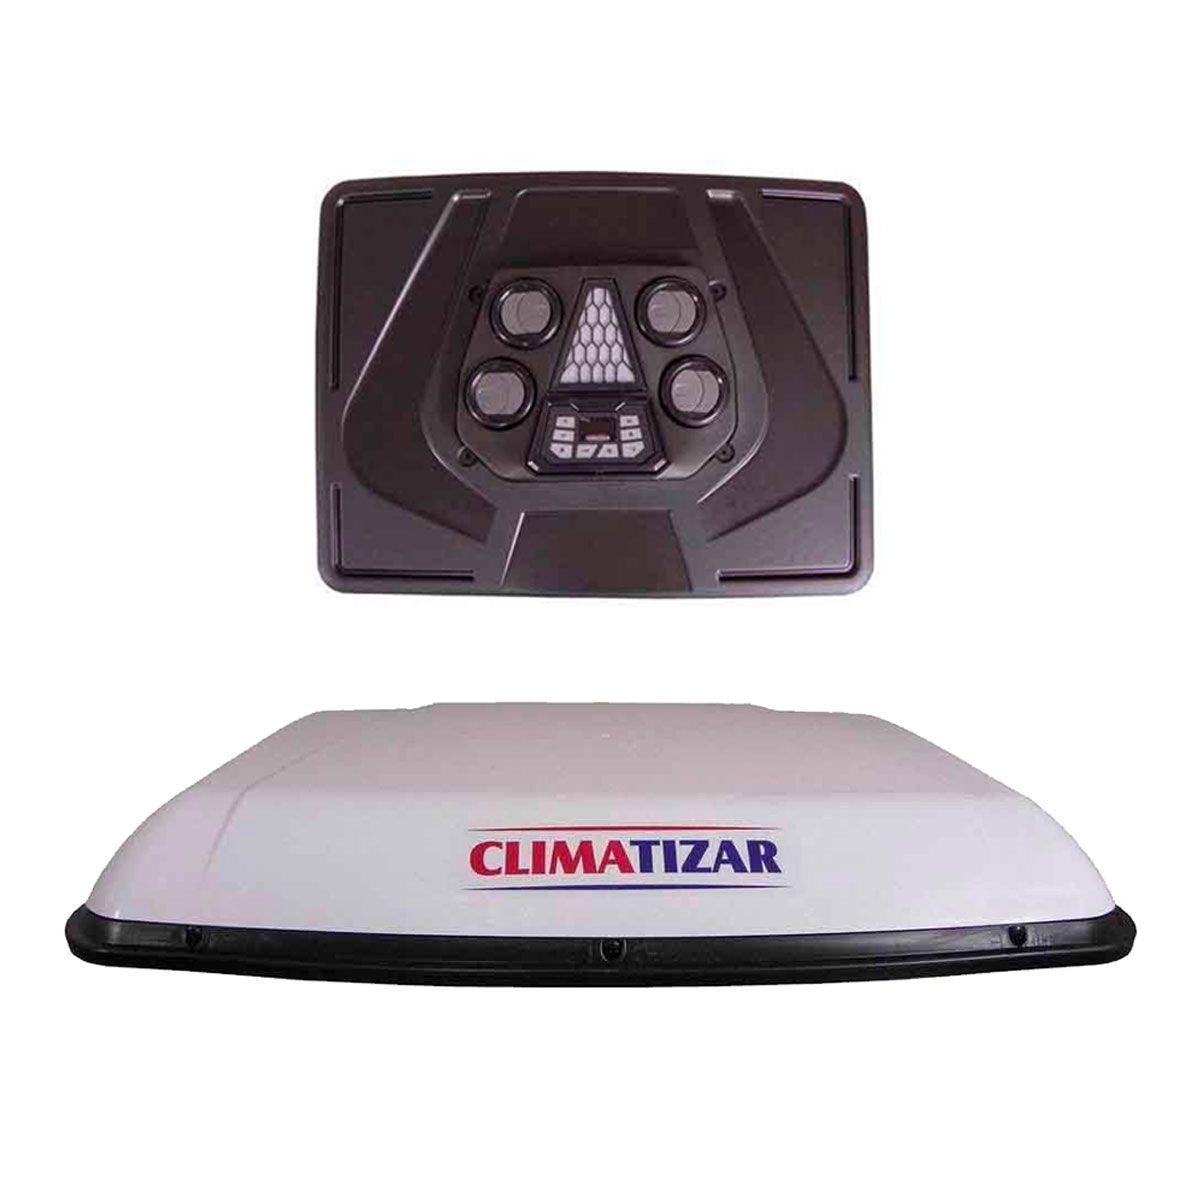 Climatizador de Ar Climatizar Evolve Compatível com o Caminhão Scania NTG Cabine G